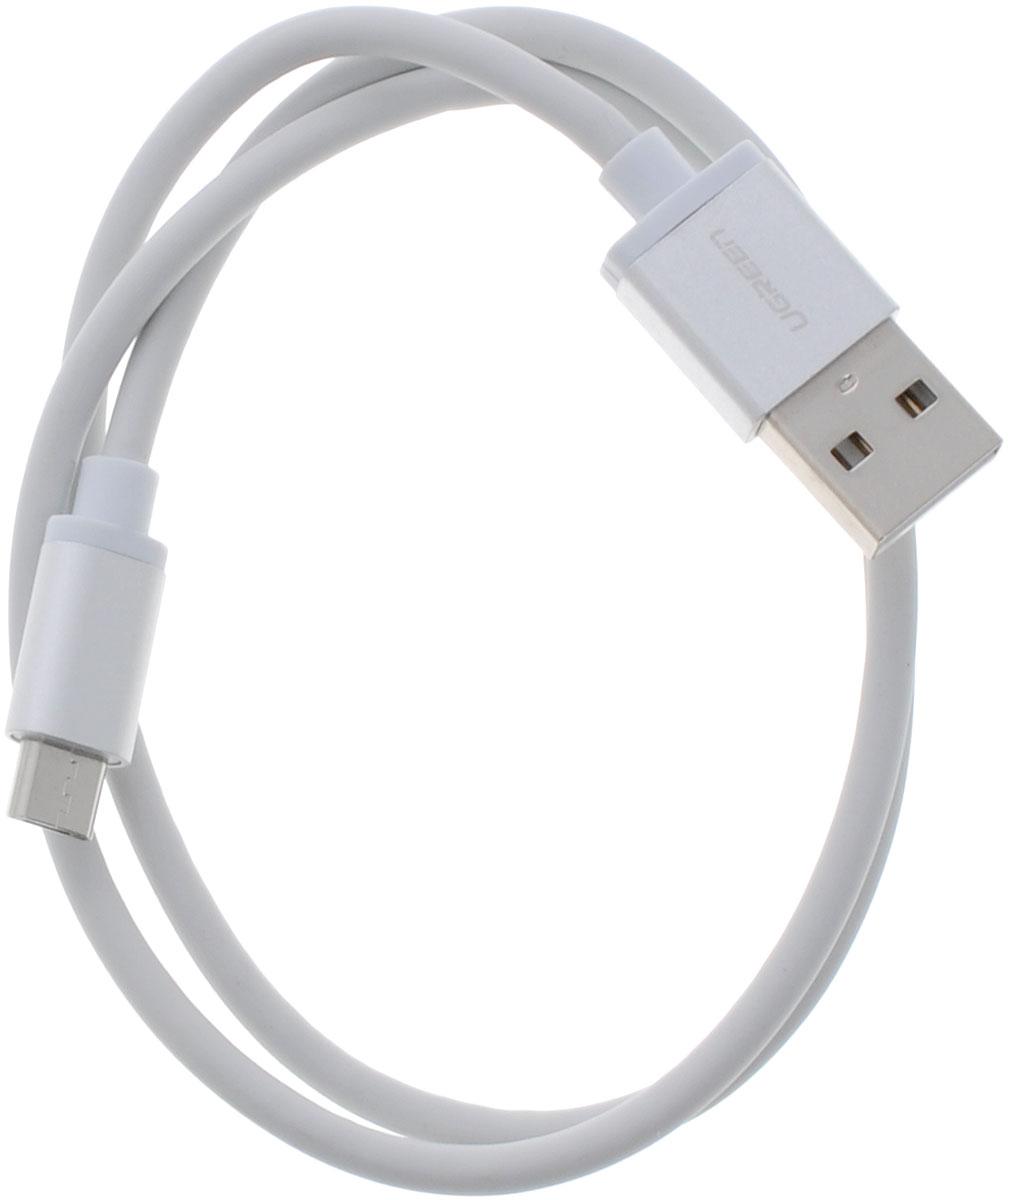 Ugreen UG-10828, White Silver кабель microUSB-USB 0.5 мUG-10828Кабель Ugreen UG-10828 позволяет подключать мобильные устройства, которые имеют разъем microUSB к USB разъему компьютера. Подходит для повседневных задач, таких как синхронизация данных и передача файлов. Экранирование кабеля позволит защитить сигнал при передаче от влияния внешних полей, способных создать помехи. Пропускная способность интерфейса: USB 2.0 до 480 Мбит/с Диаметр проводника питания: 5V: 24 AWG Диаметр проводника передачи данных: 28 AWG Тип оболочки: PVC (ПВХ)